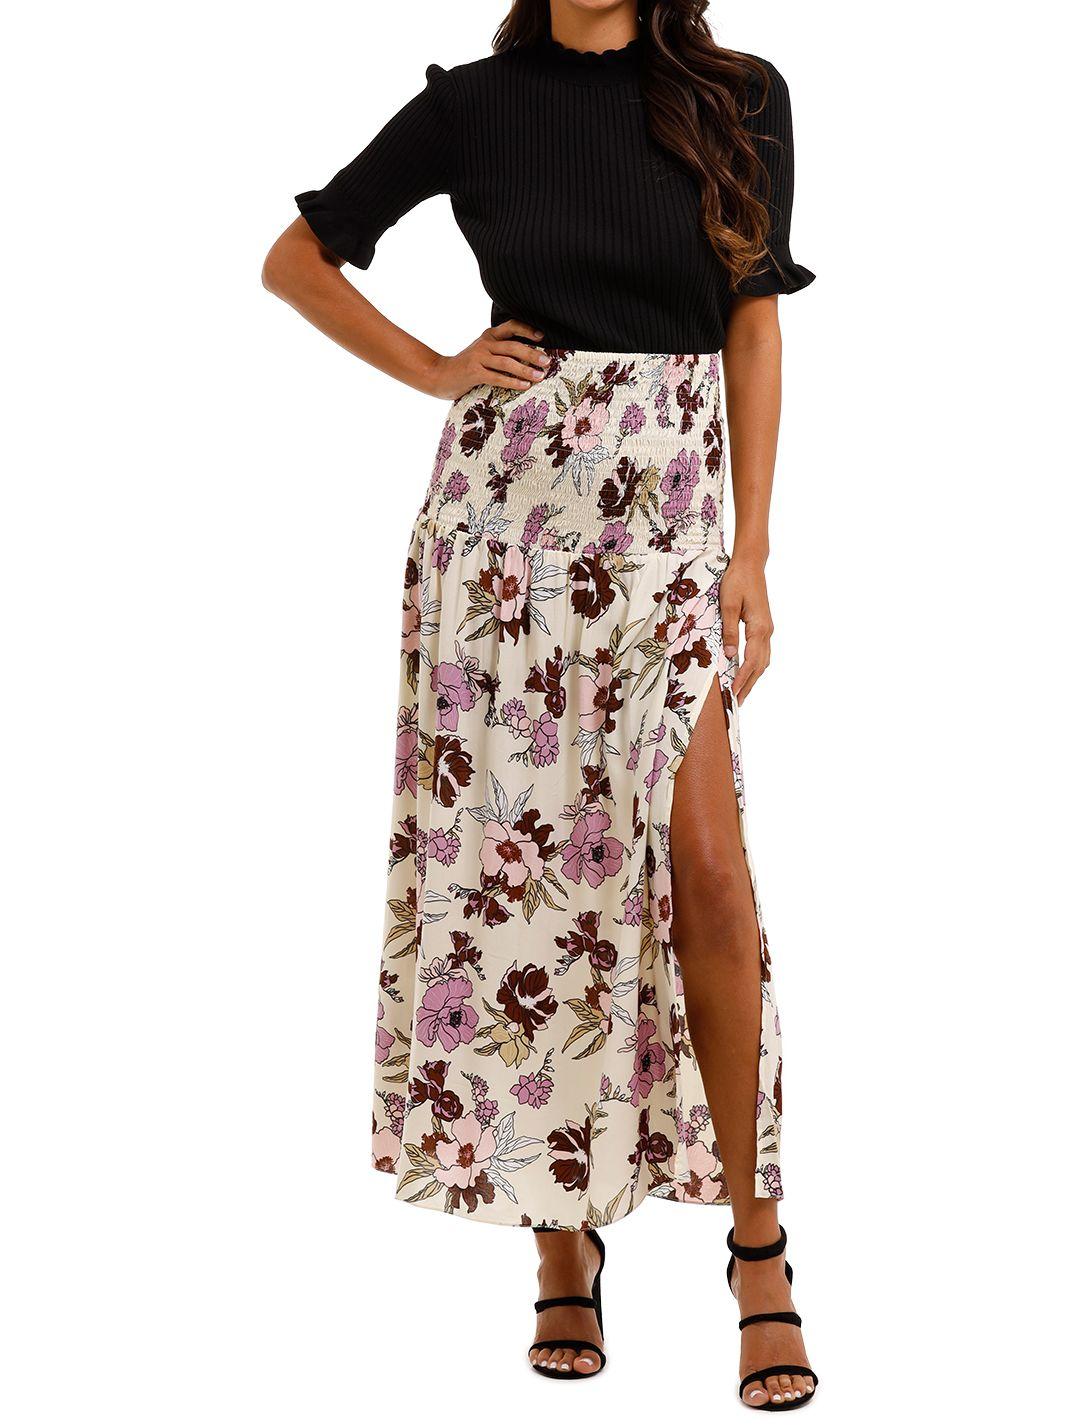 MLM Label Tome Skirt Aster Floral Light High Slit